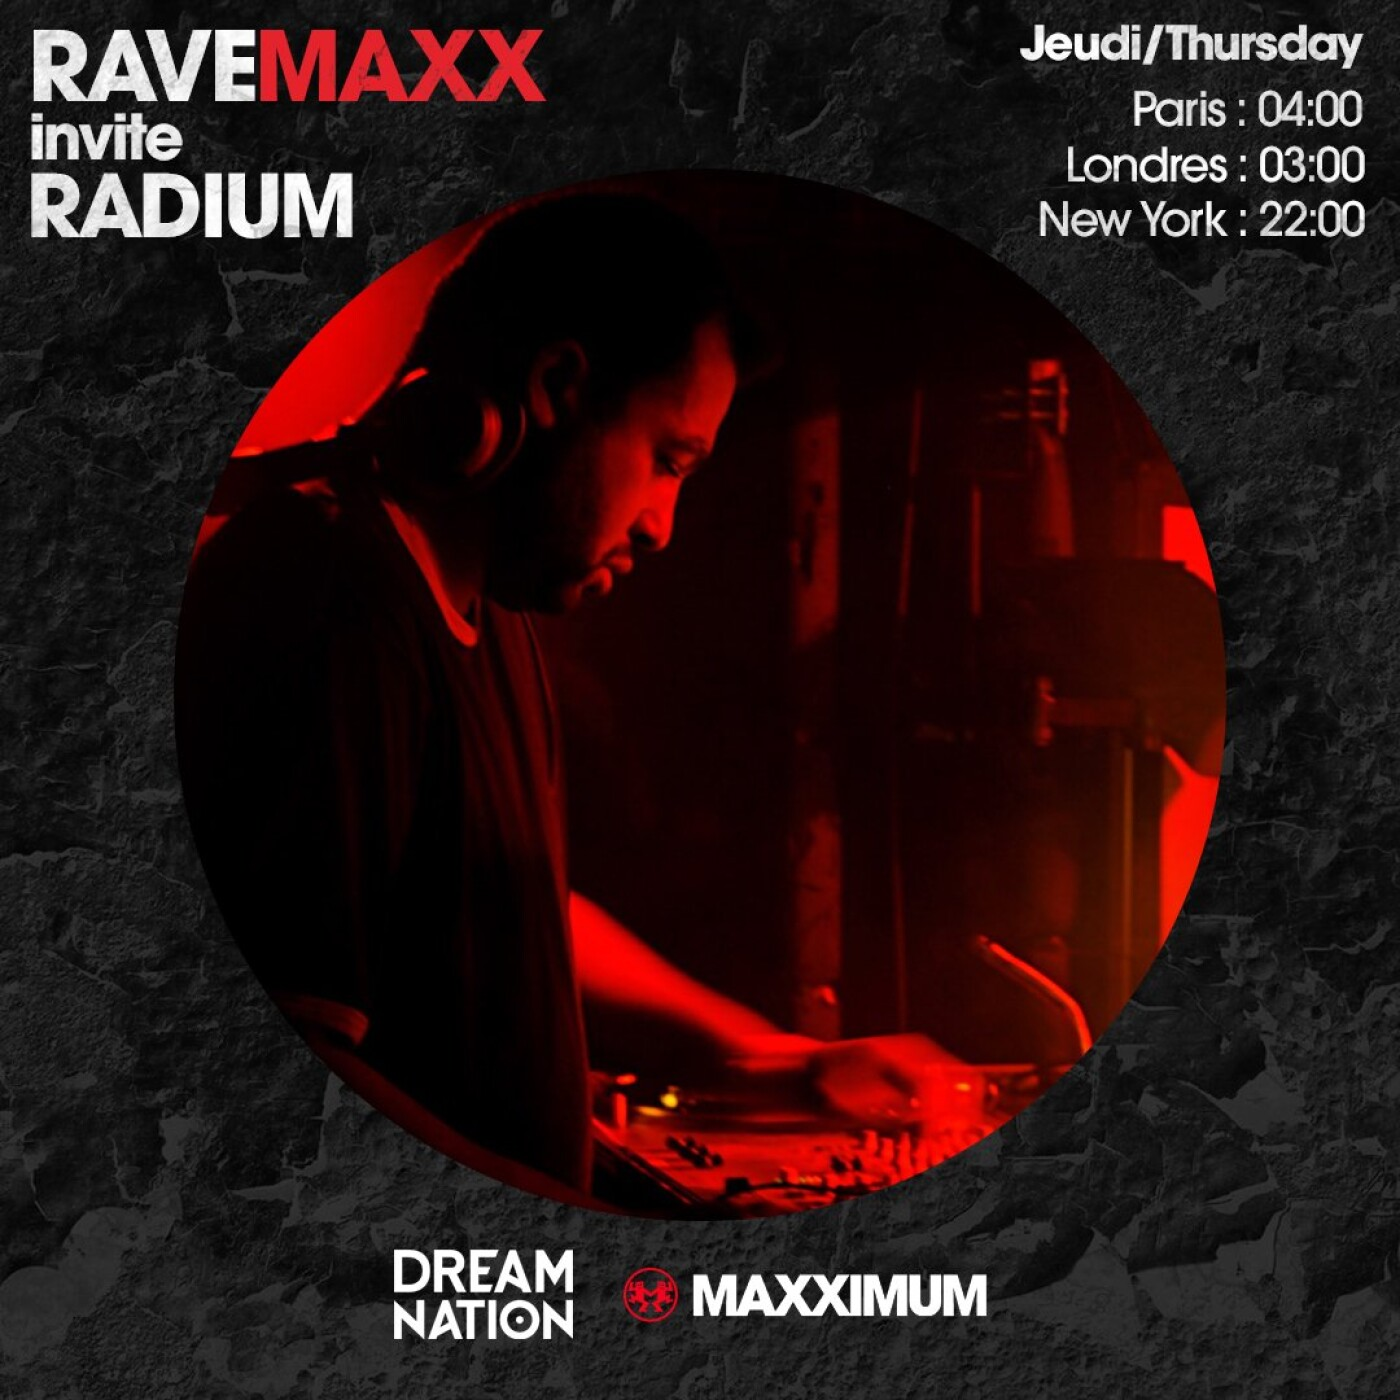 RAVEMAXX : DREAM NATION FESTIVAL AVEC RADIUM